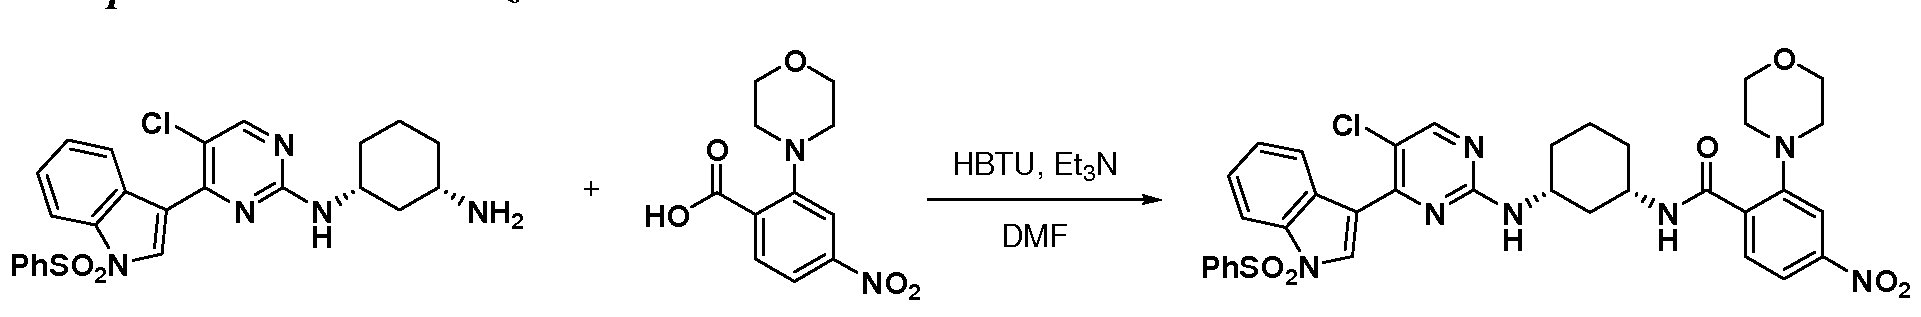 Figure imgf000195_0002